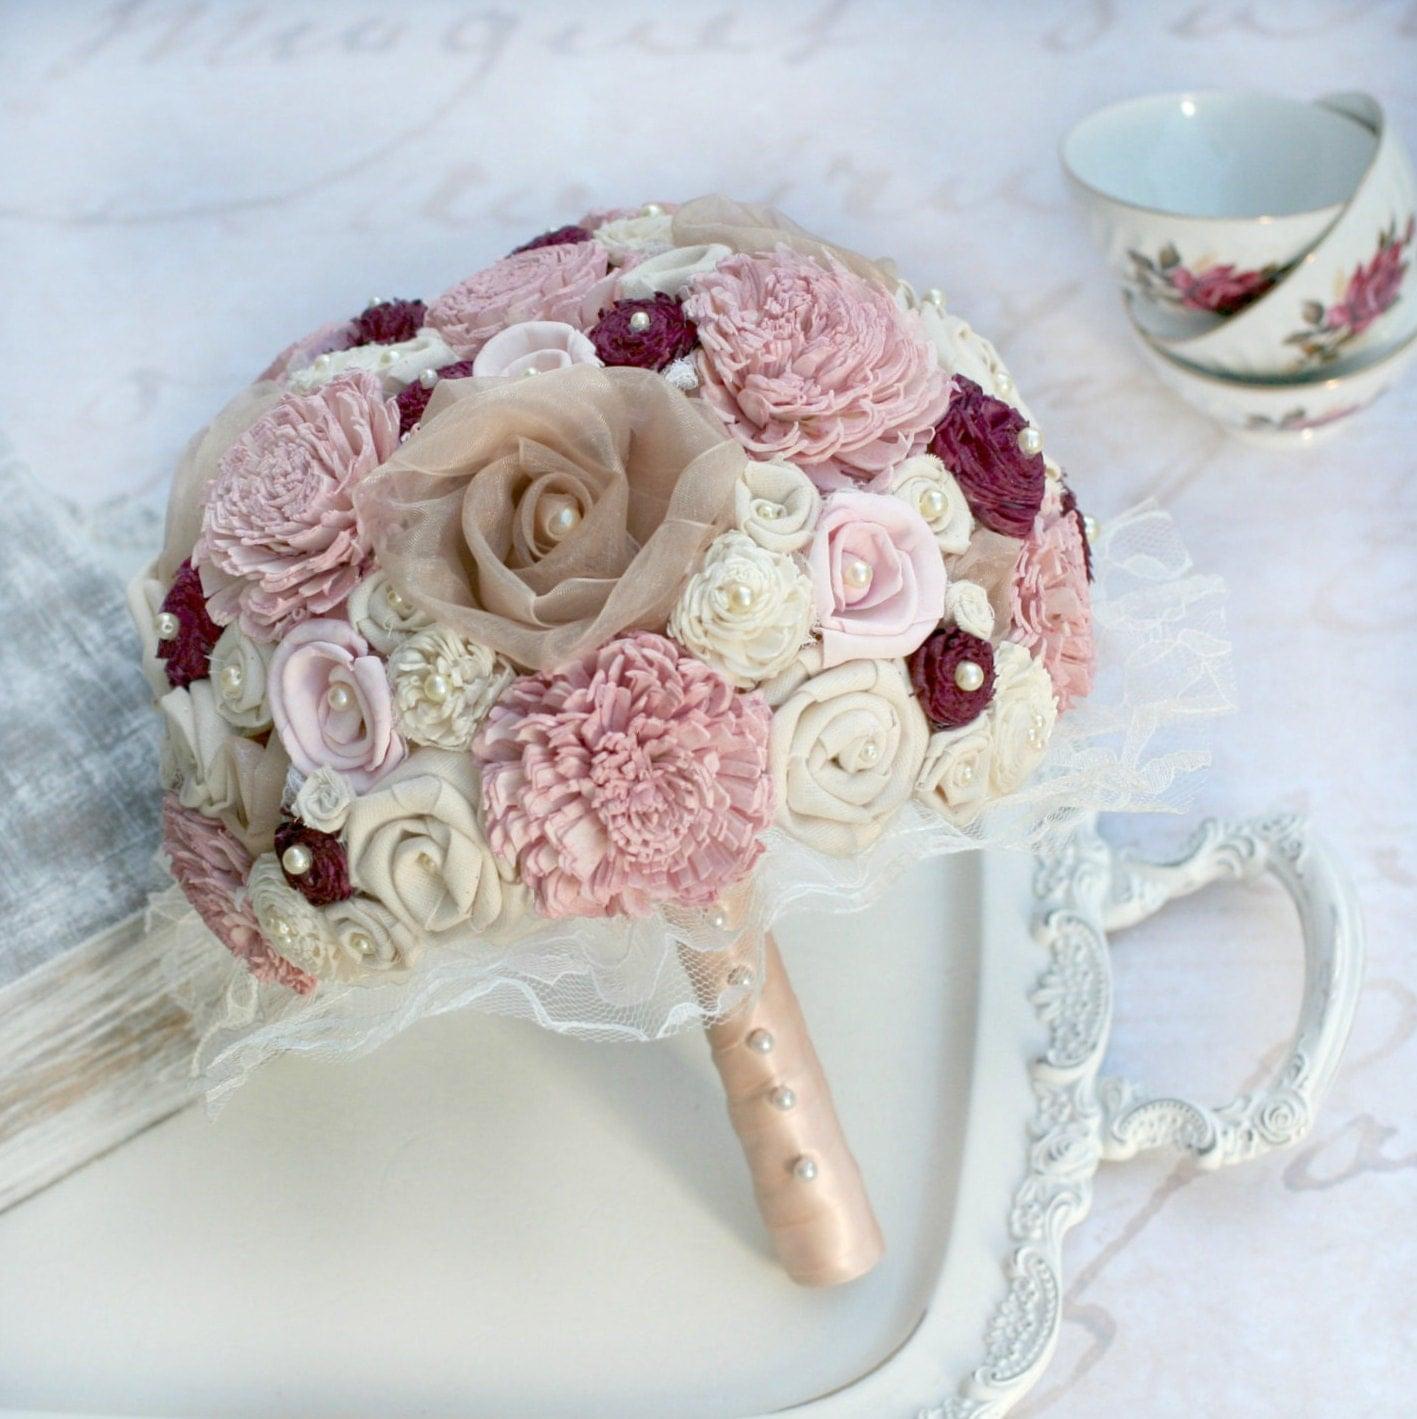 rose gold wedding bouquet rose gold bridal bouquet pink. Black Bedroom Furniture Sets. Home Design Ideas